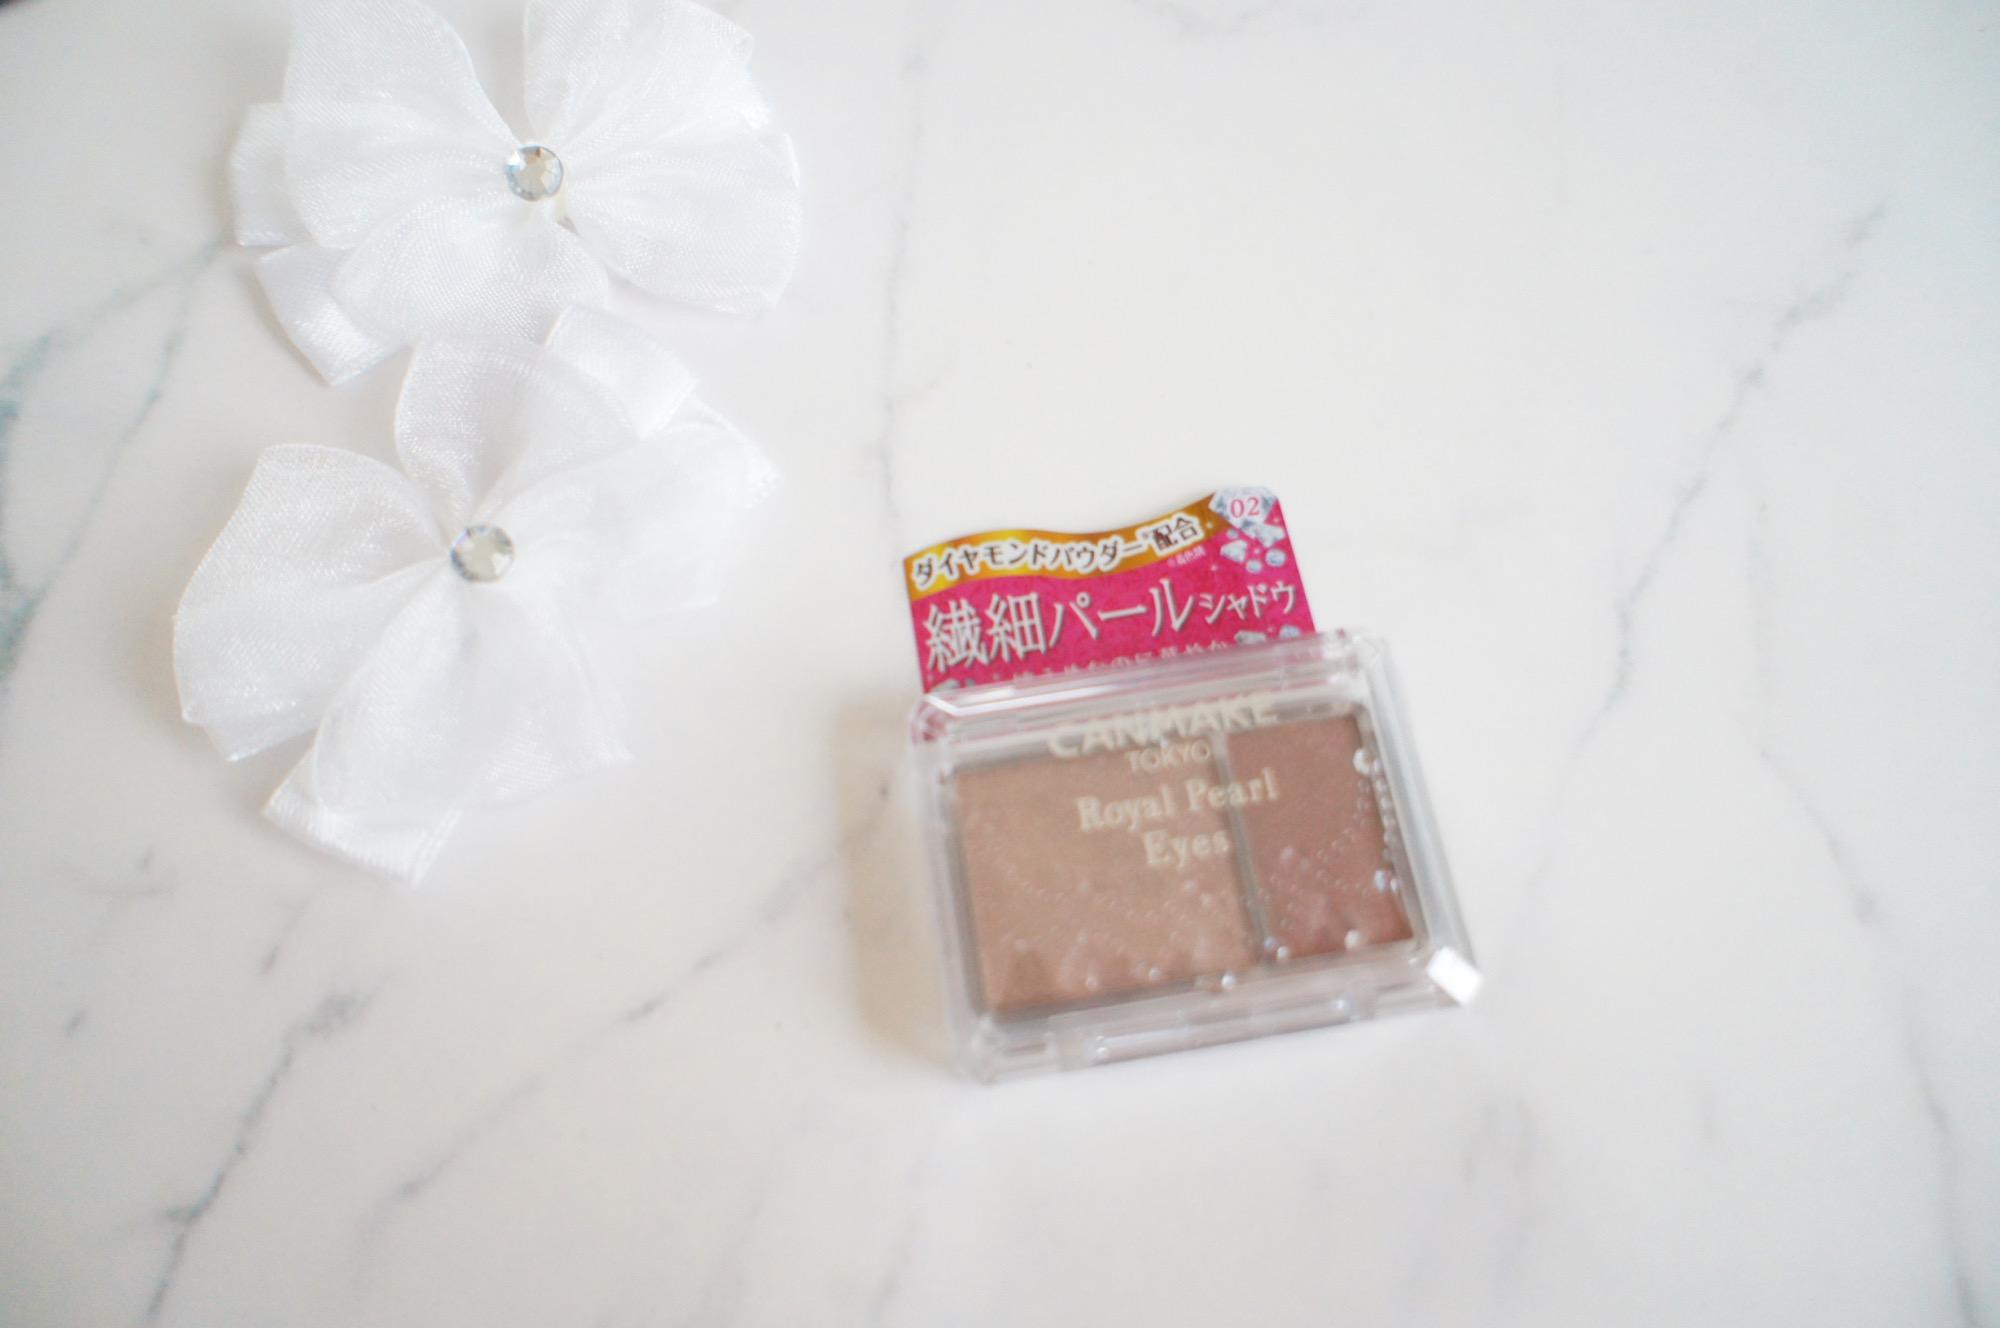 みなとみらい新スポット『横浜ハンマーヘッド』がオープン! おしゃれカフェ、お土産におすすめなグルメショップ5選 photoGallery_2_133